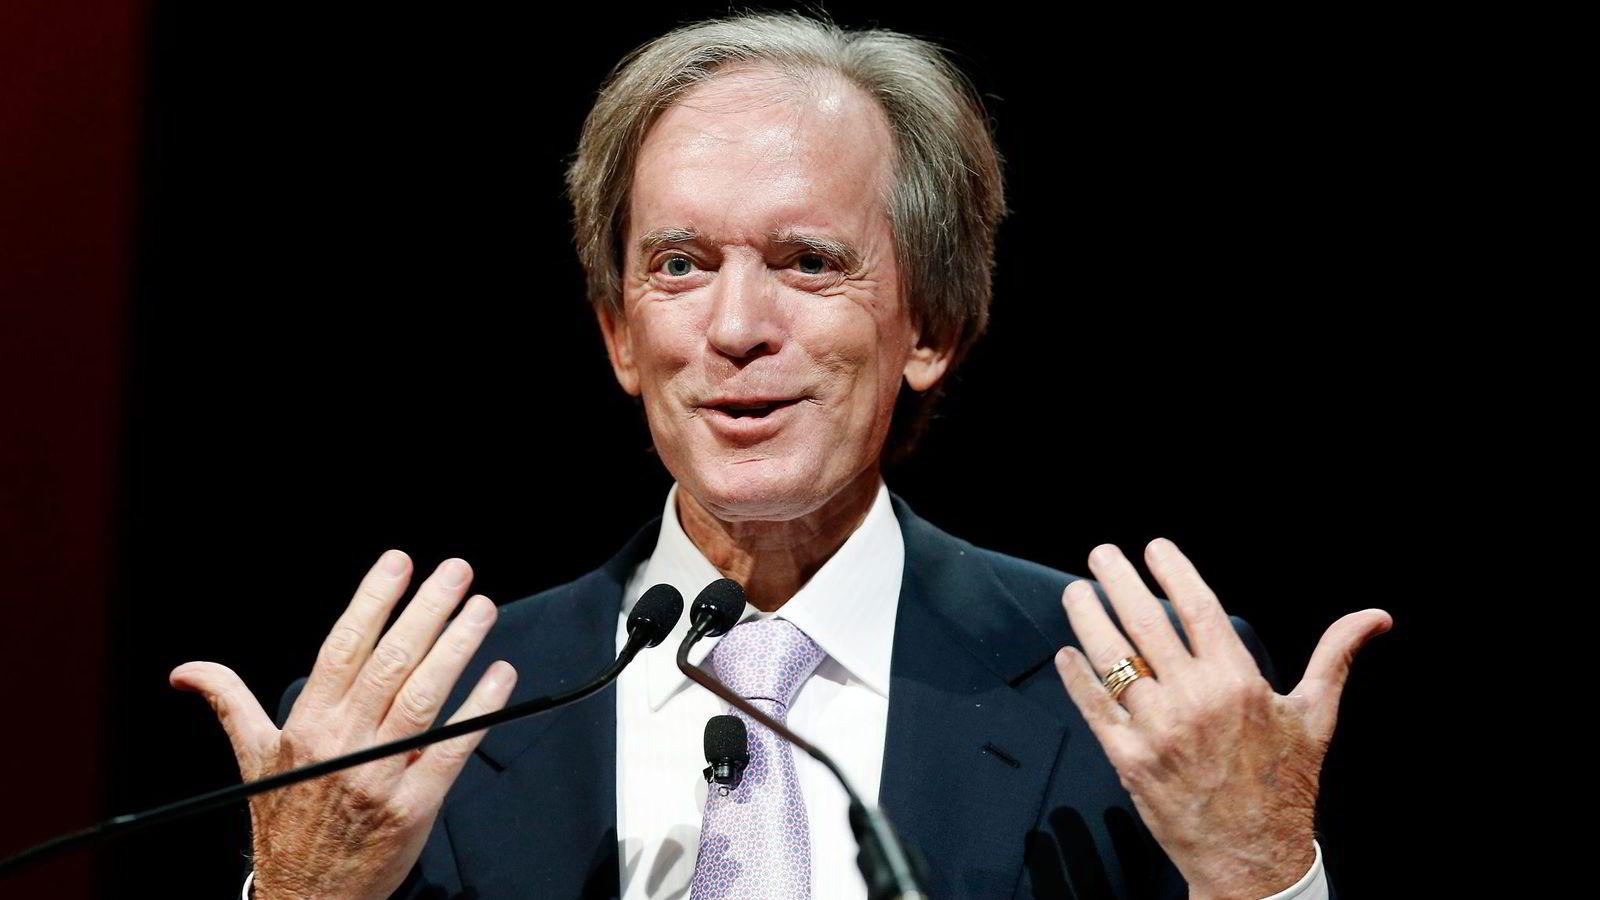 I stedet for økonomisk vekst vil resultatet være stagnasjon og forvitring, mener forvalteren Bill Gross om lavrentepolitikken til verdens sentralbanker. Foto: Jim Young/Reuters/NTB Scanpix